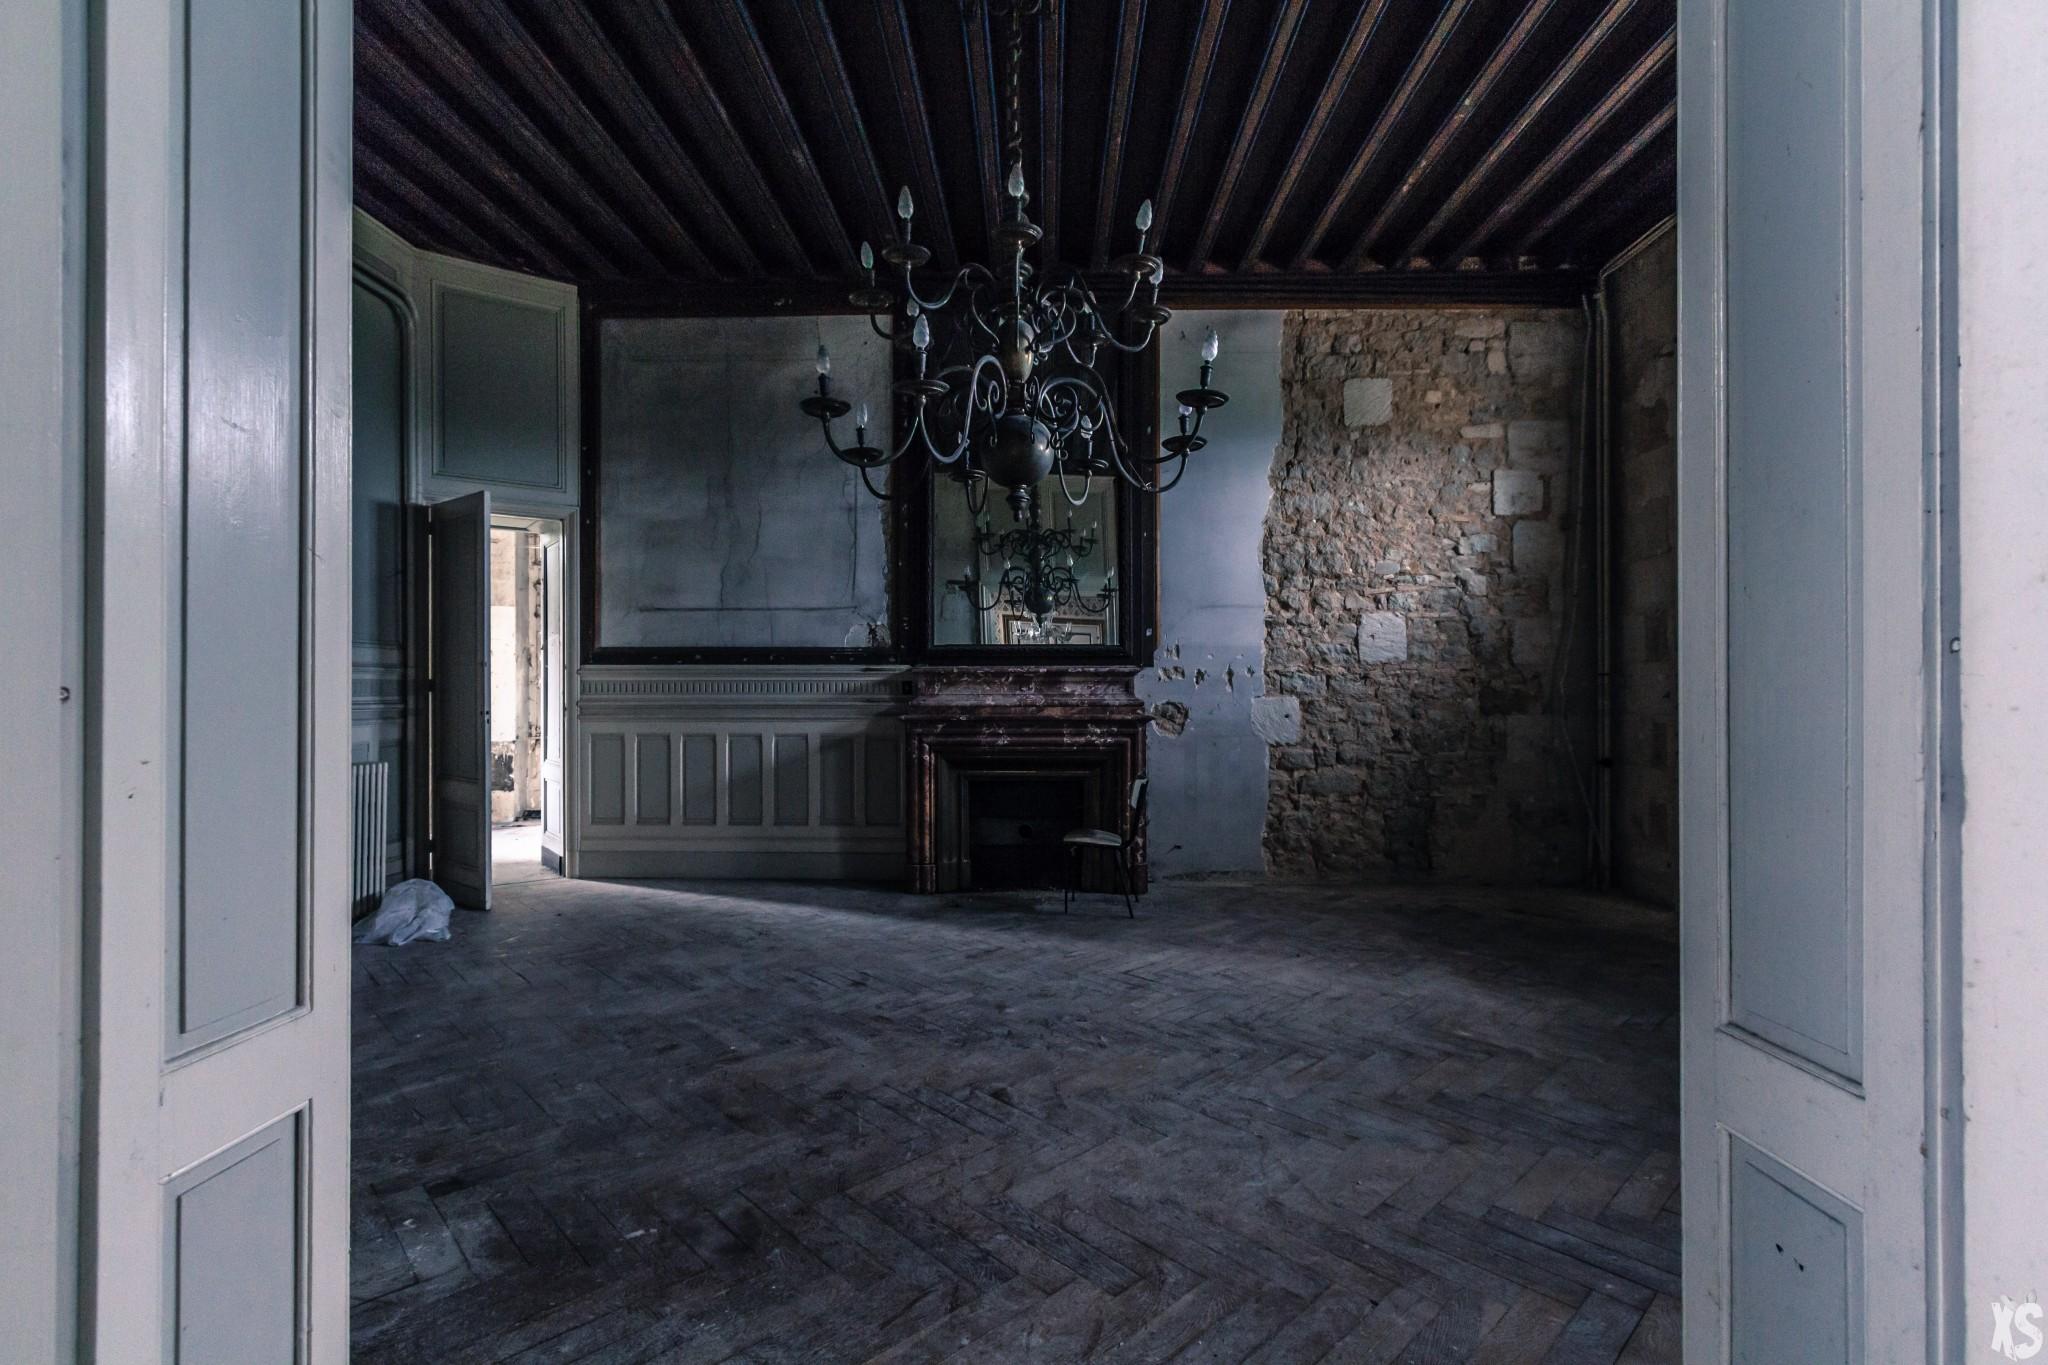 sanatorium-eugene-aram-62